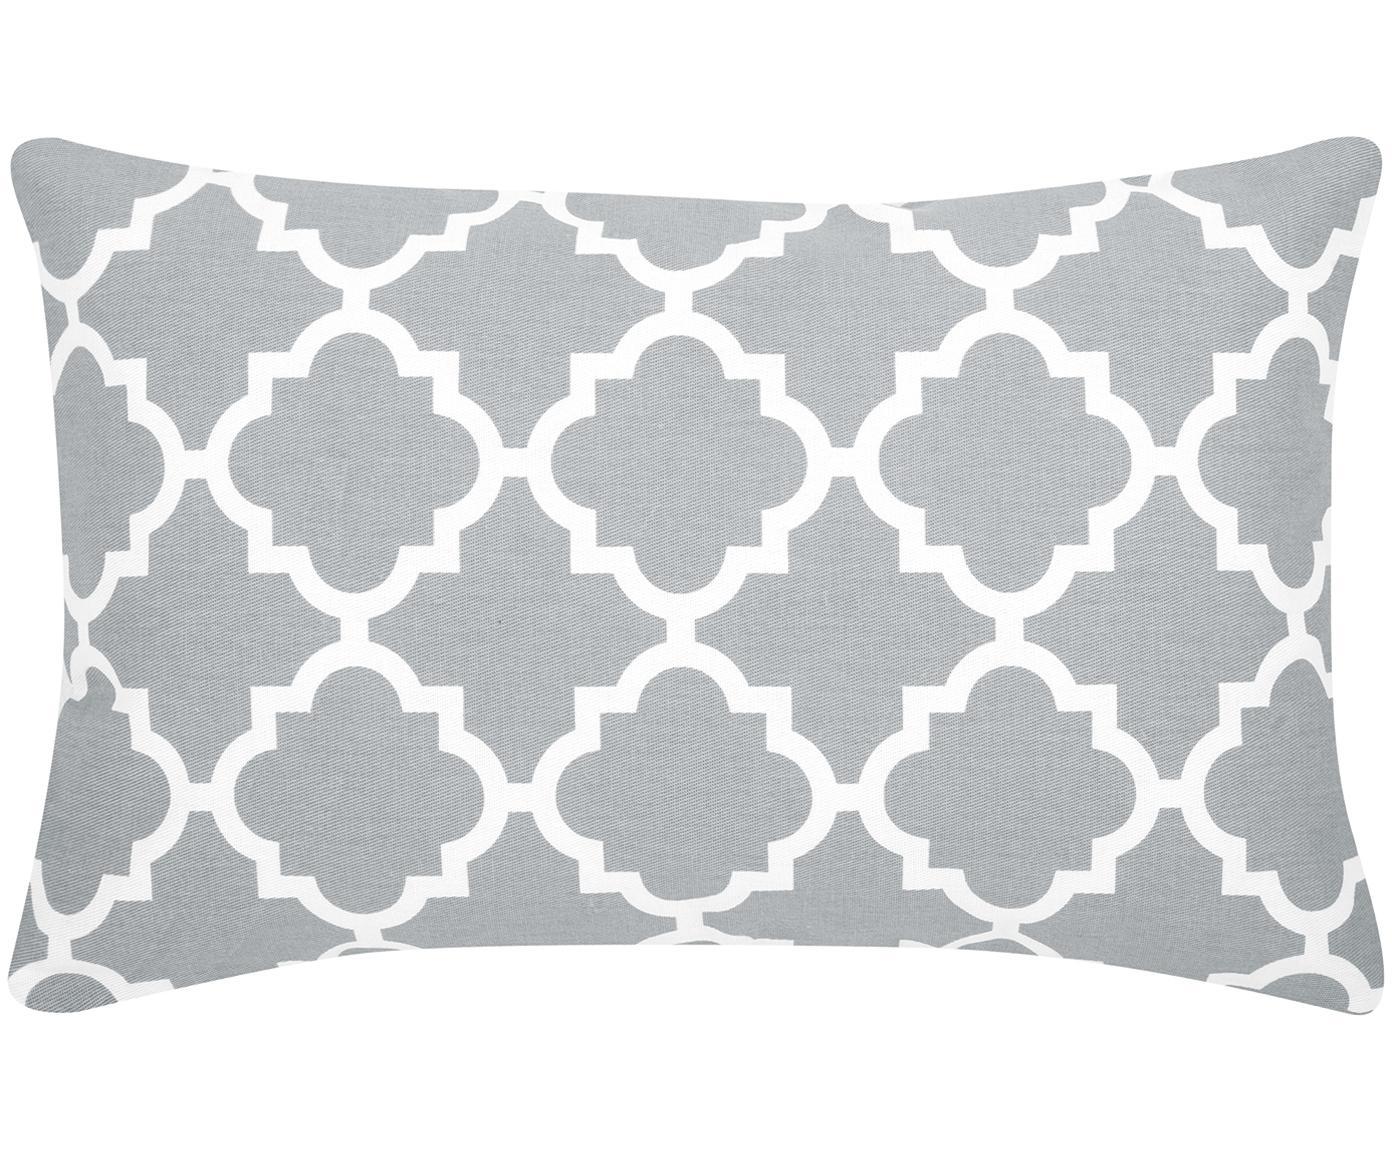 Kussenhoes Lana, 100% katoen, Grijs, wit, 30 x 50 cm